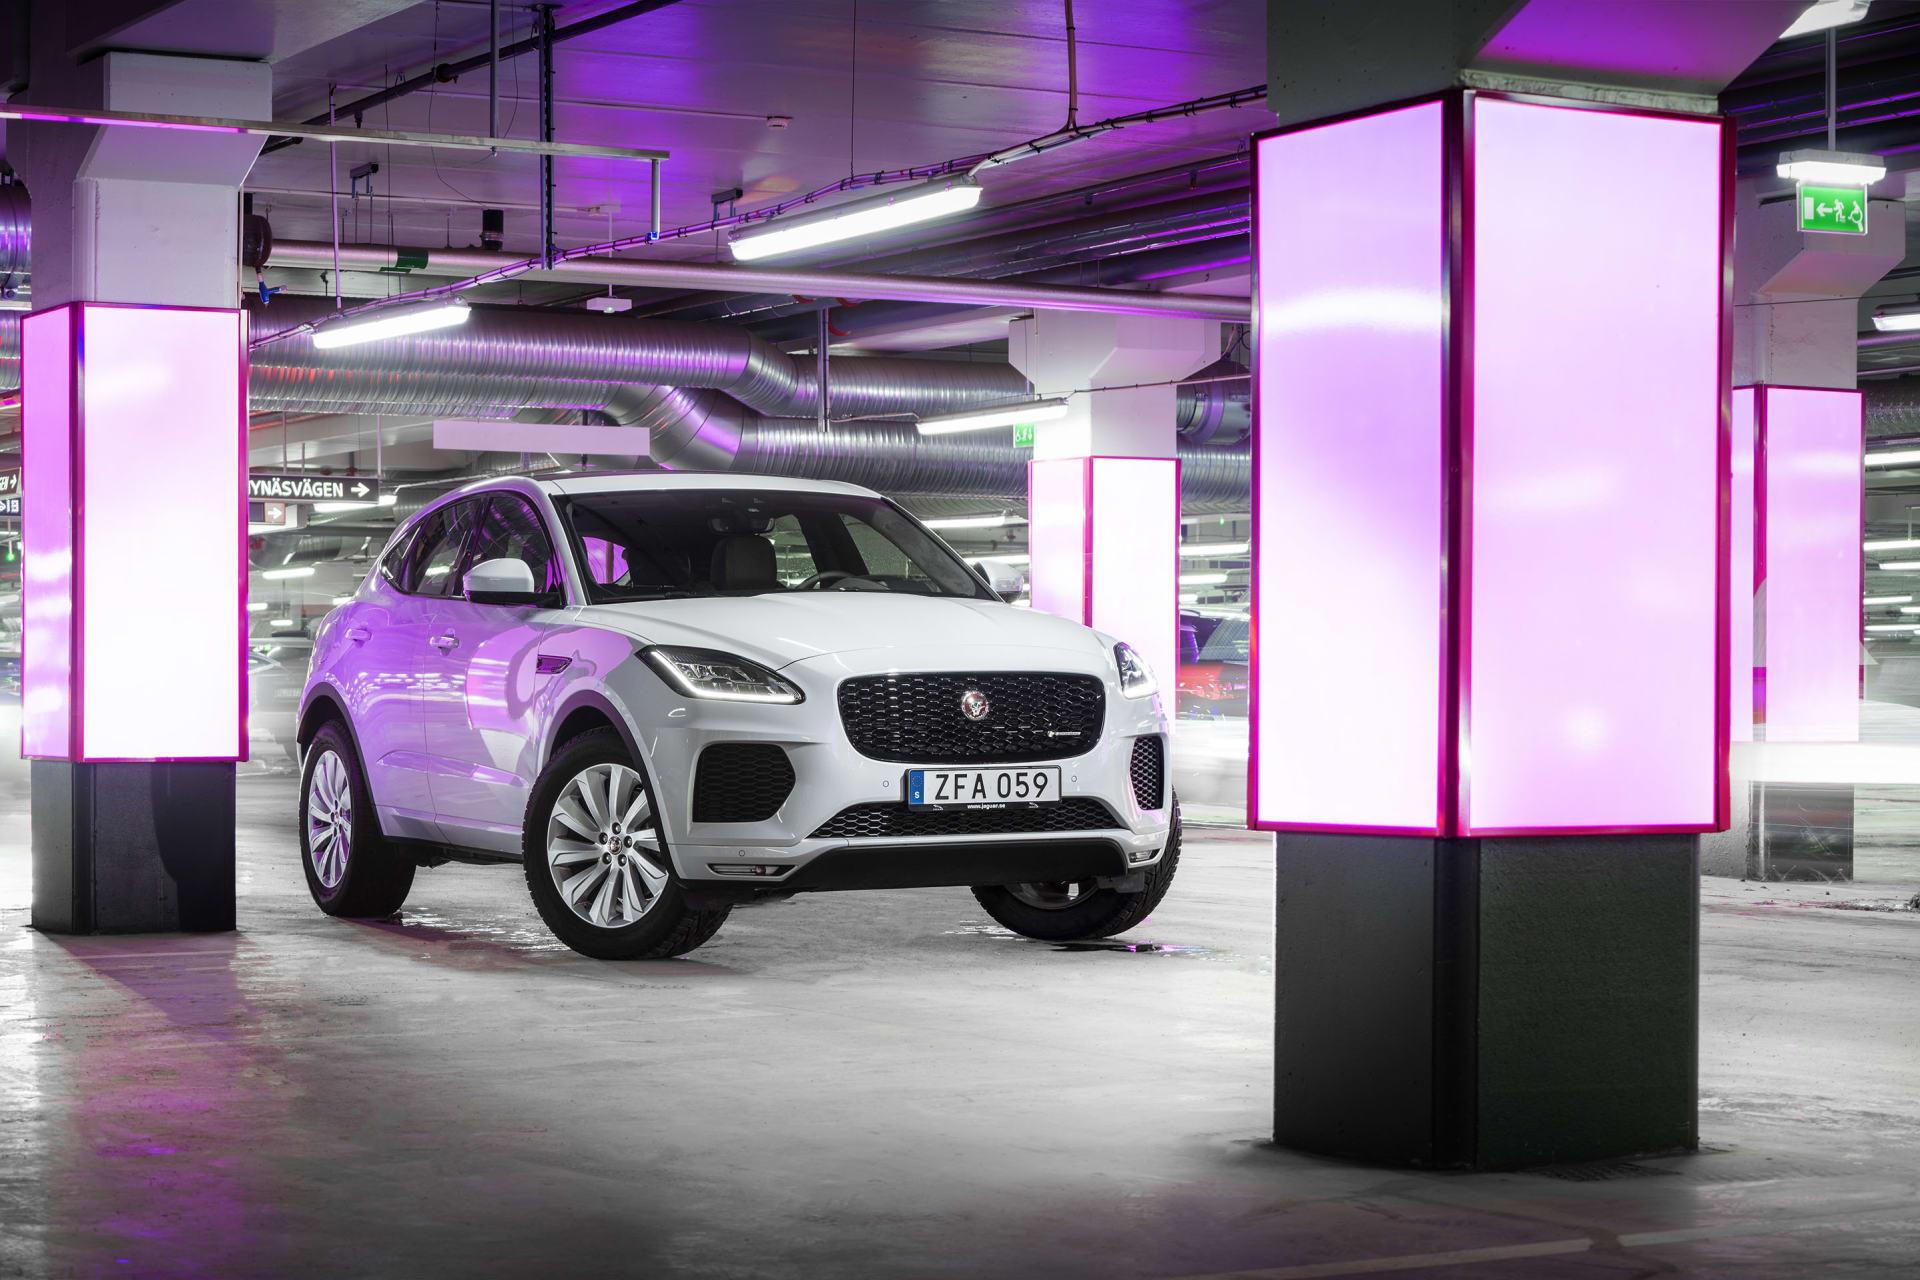 """Ett av denaste tillskottet i Jaguarfamilen är """"baby-Jaggan"""" E-Pace. En liten prestanda-suv som ska ge Audi Q1 och Volvo XC40 en ordentlig match."""